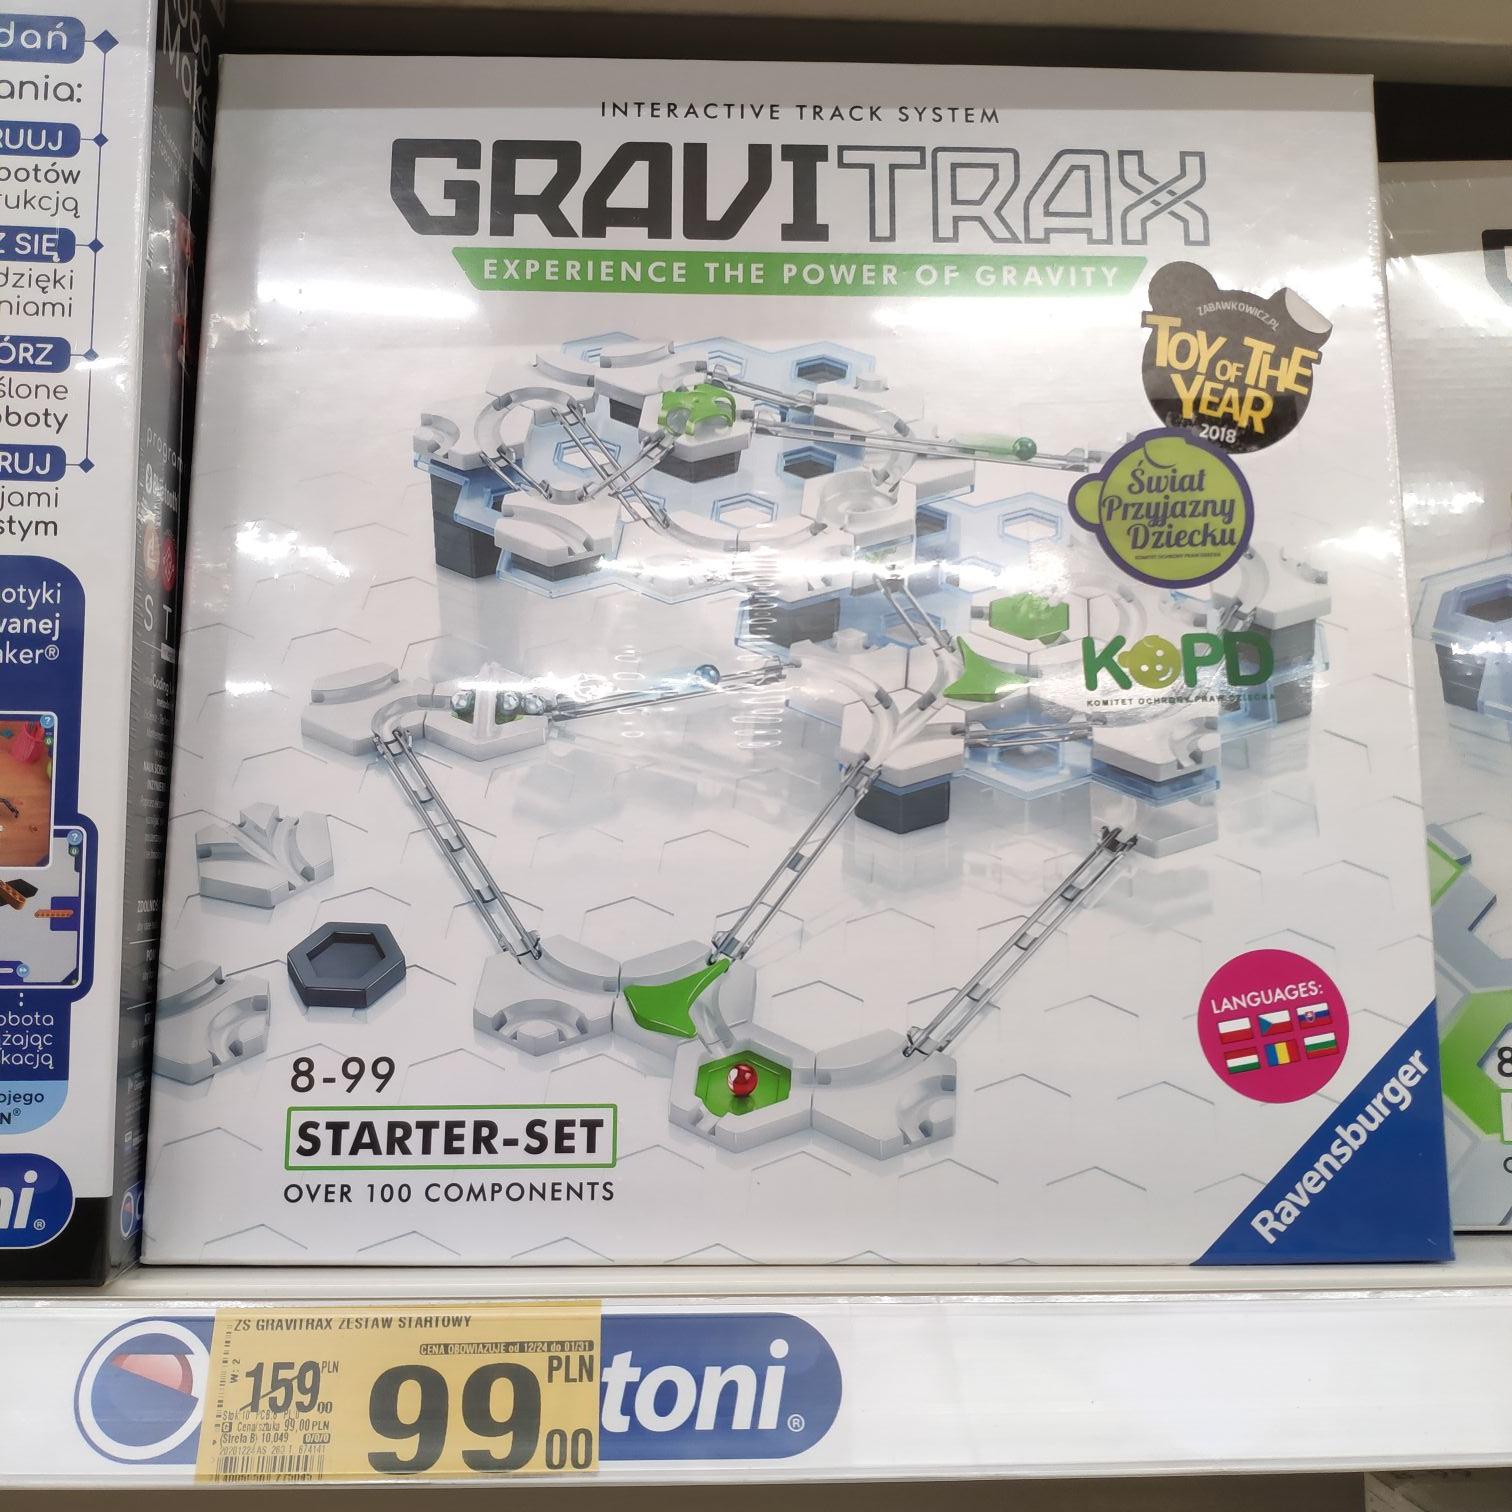 Gravitrax zestaw startowy @ Auchan (Radom)